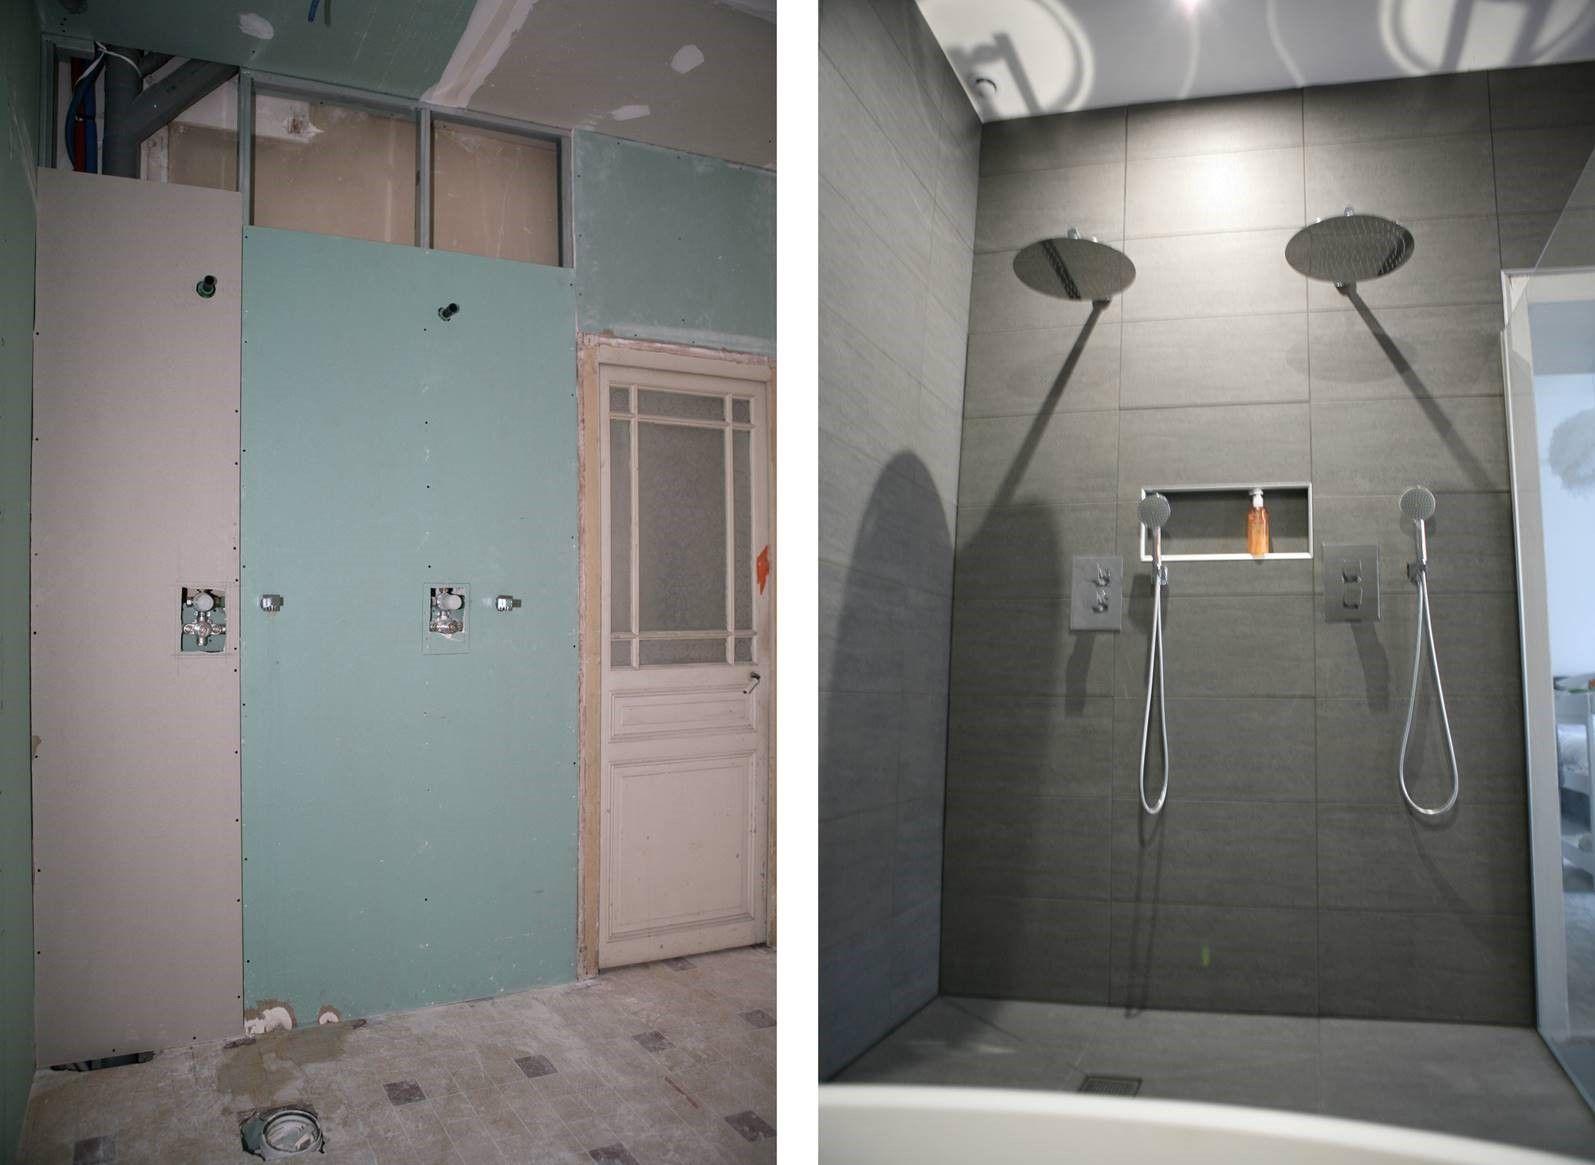 Avant apr s double douche l 39 italienne magnifique r novation d 39 une salle de bain avec des - Douche double italienne ...